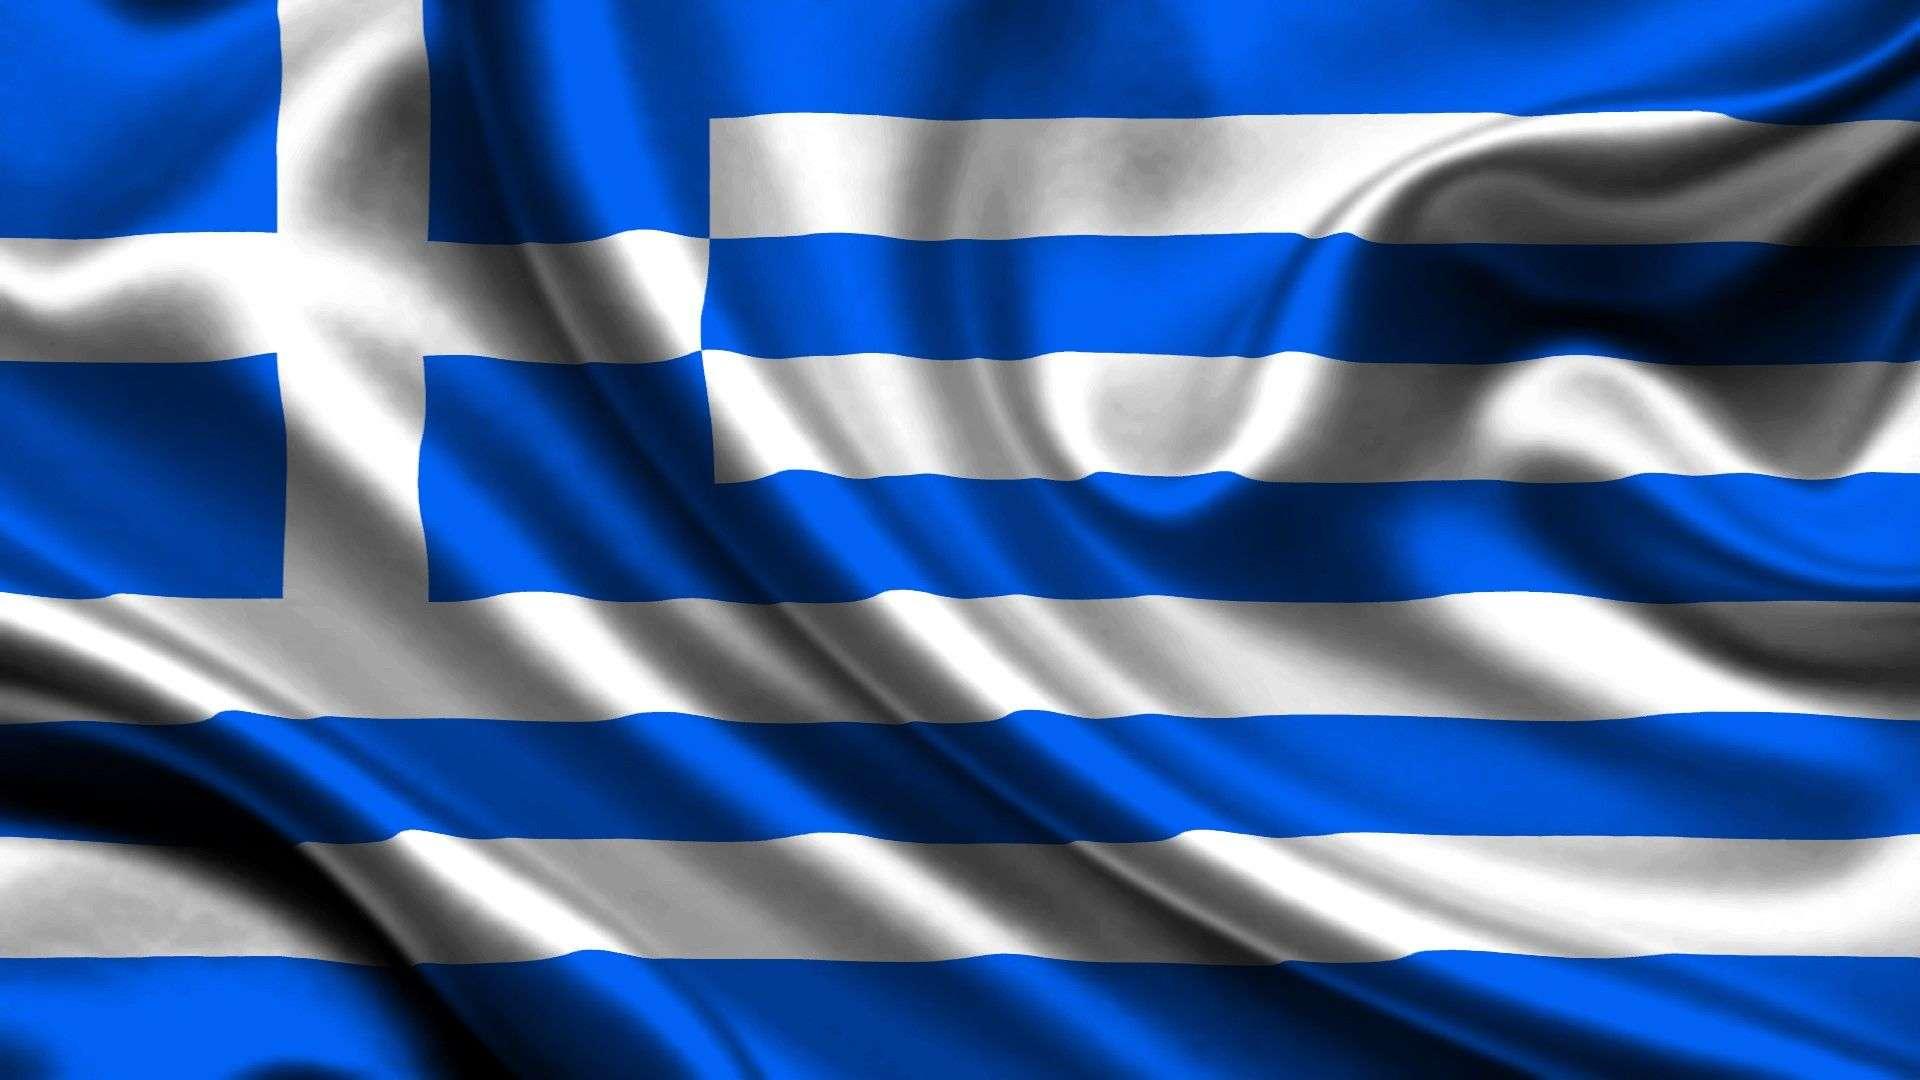 Η διελκυστίνδα εγχώριας παθογένειας και ξένης επιτροπείας ψαλιδίζει περαιτέρω την αποτρεπτική ισχύ της Ελλάδας.